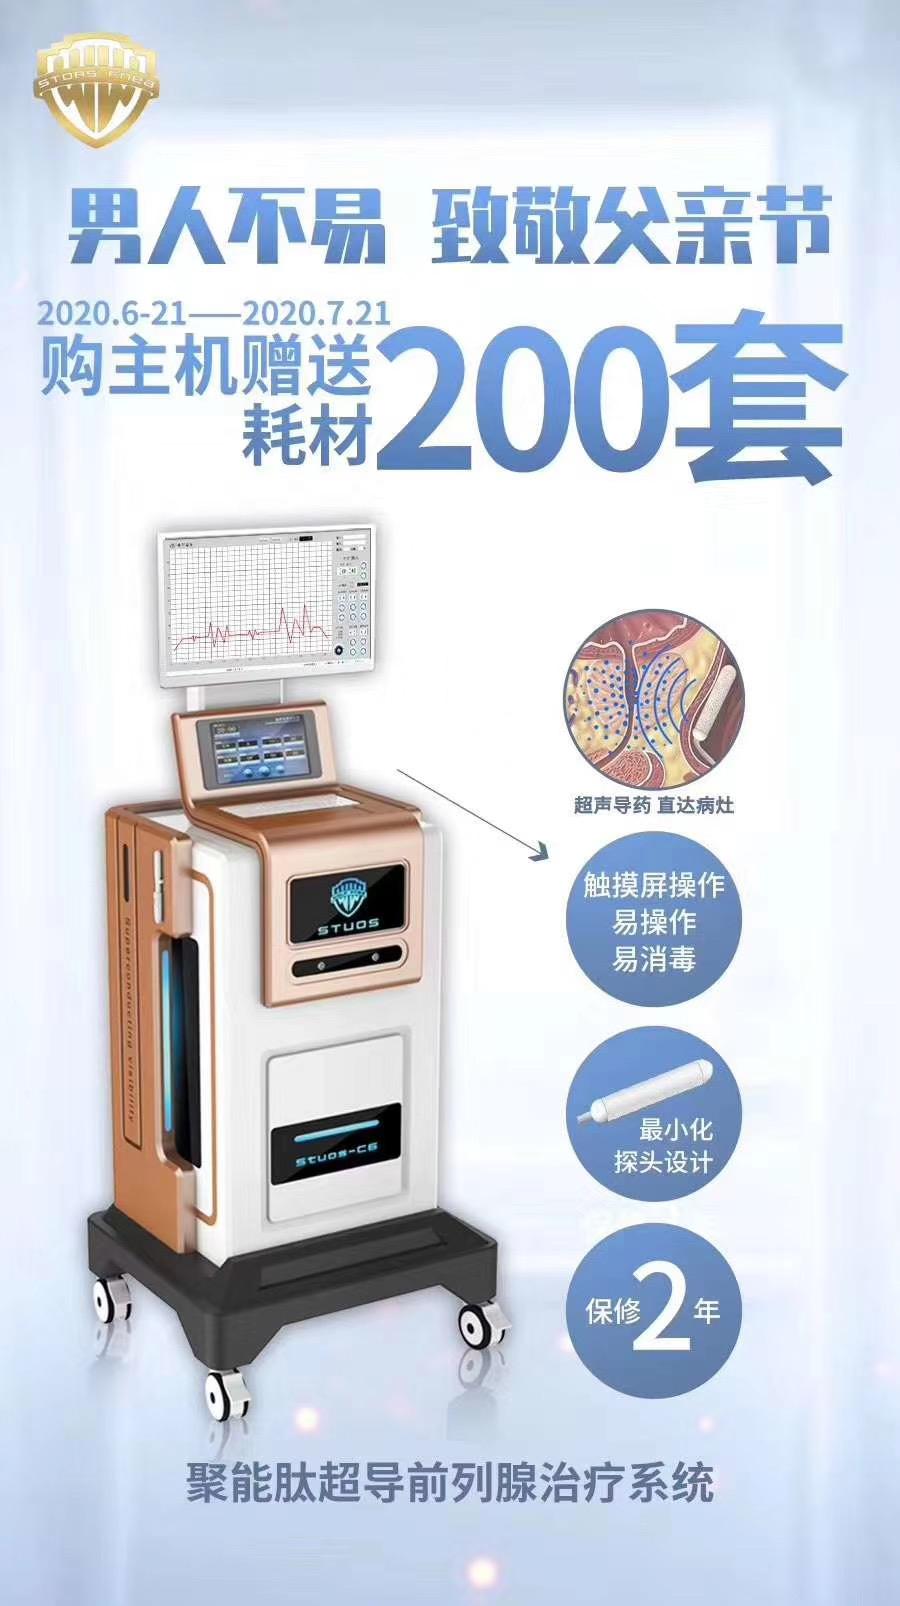 前列腺热磁治疗仪